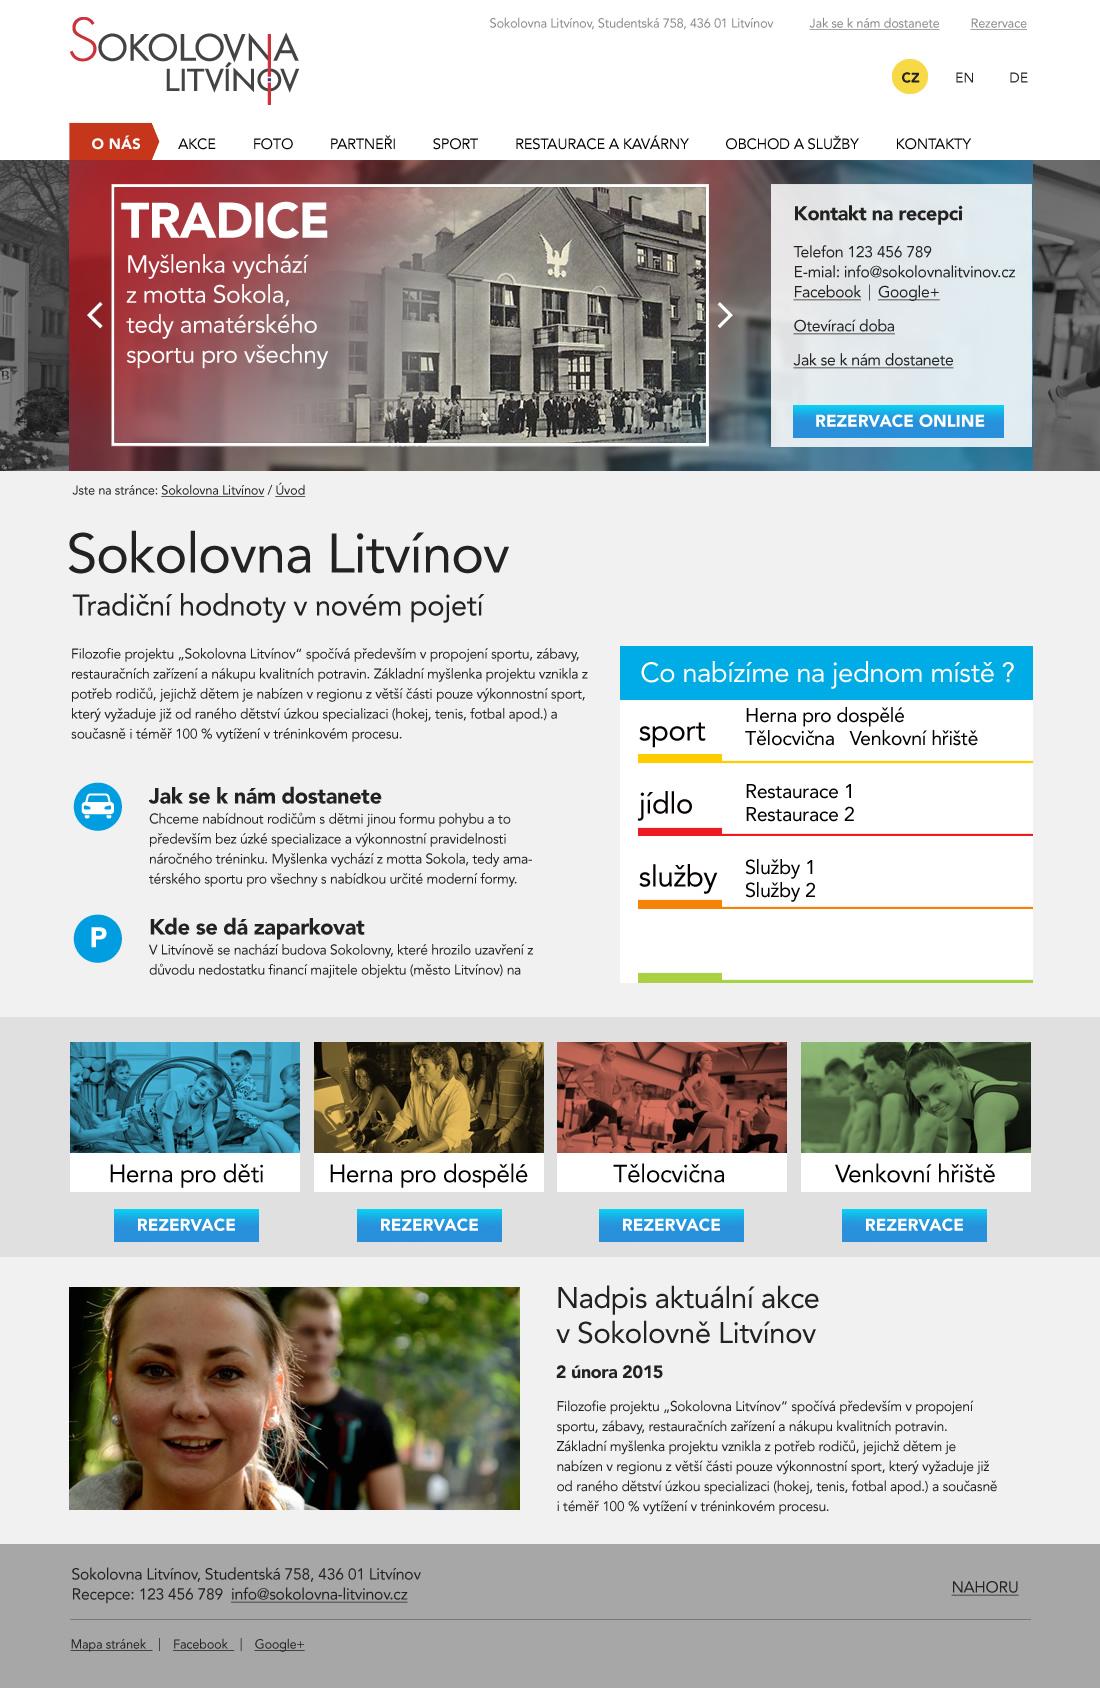 Sokolovna Litvínov